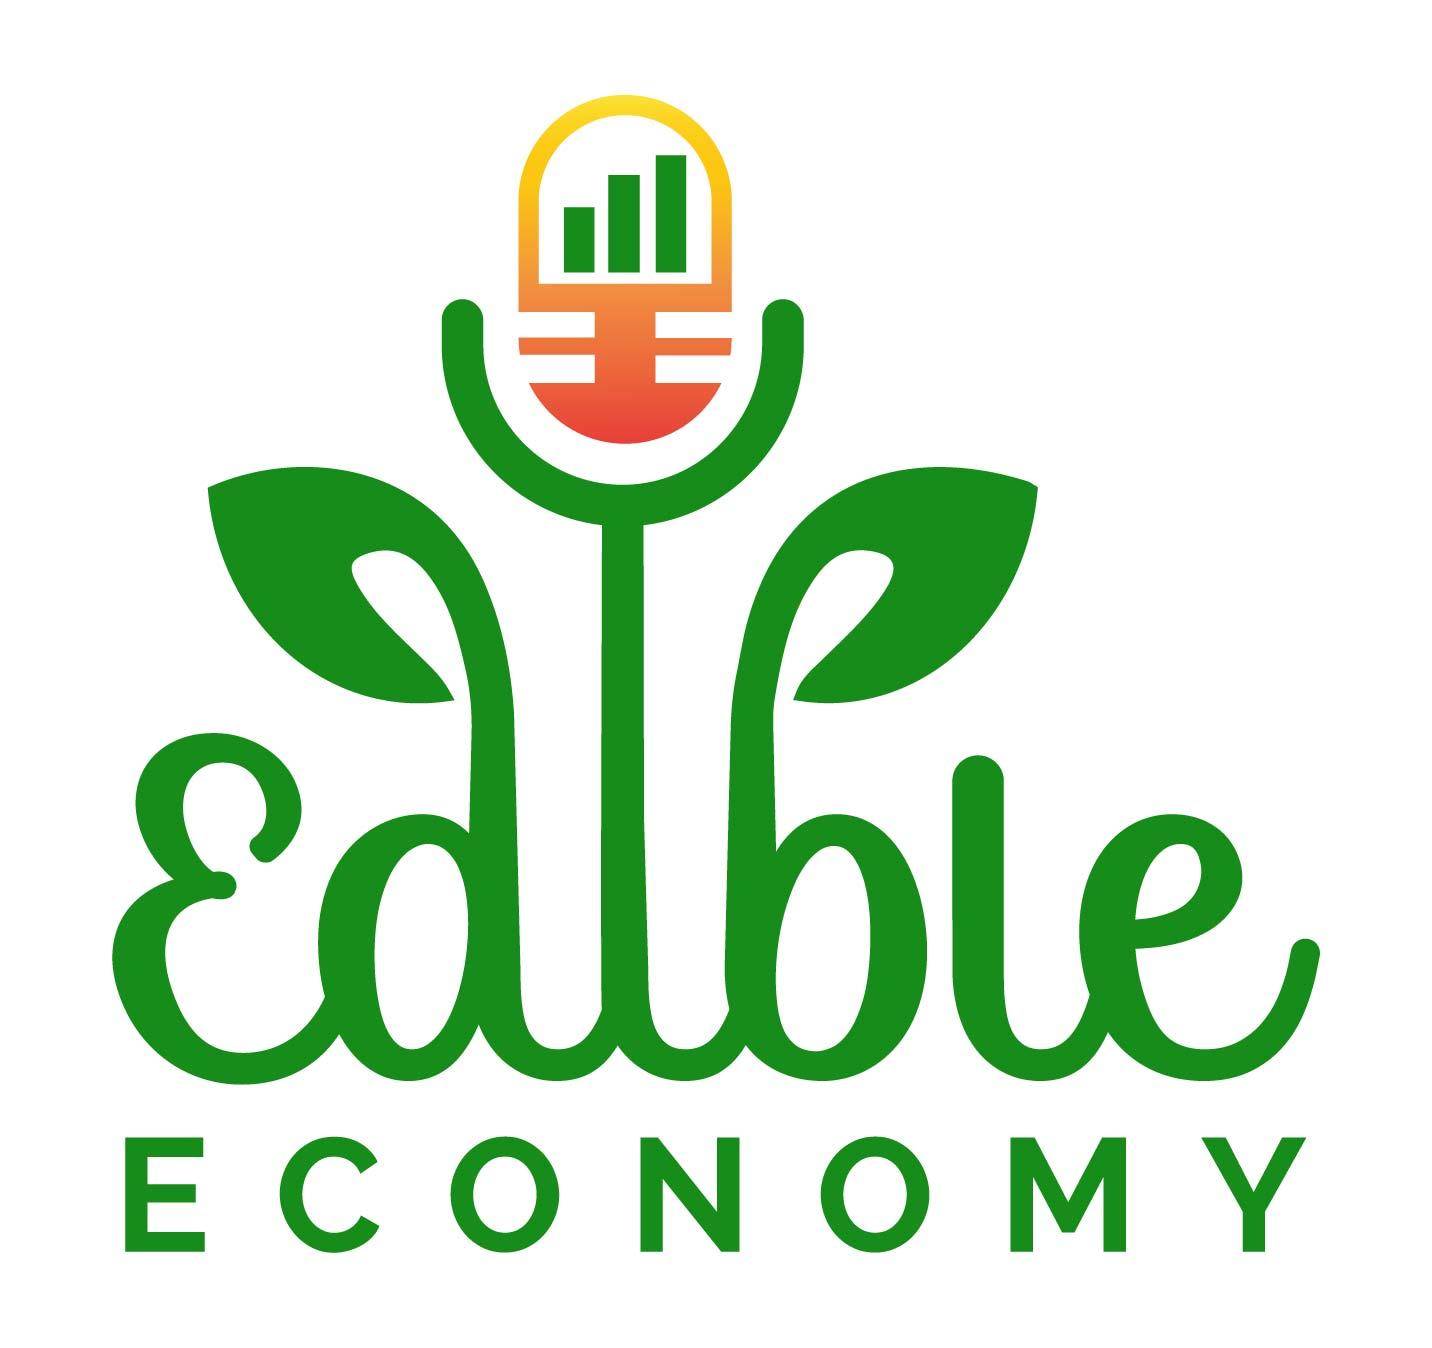 Edible Economy